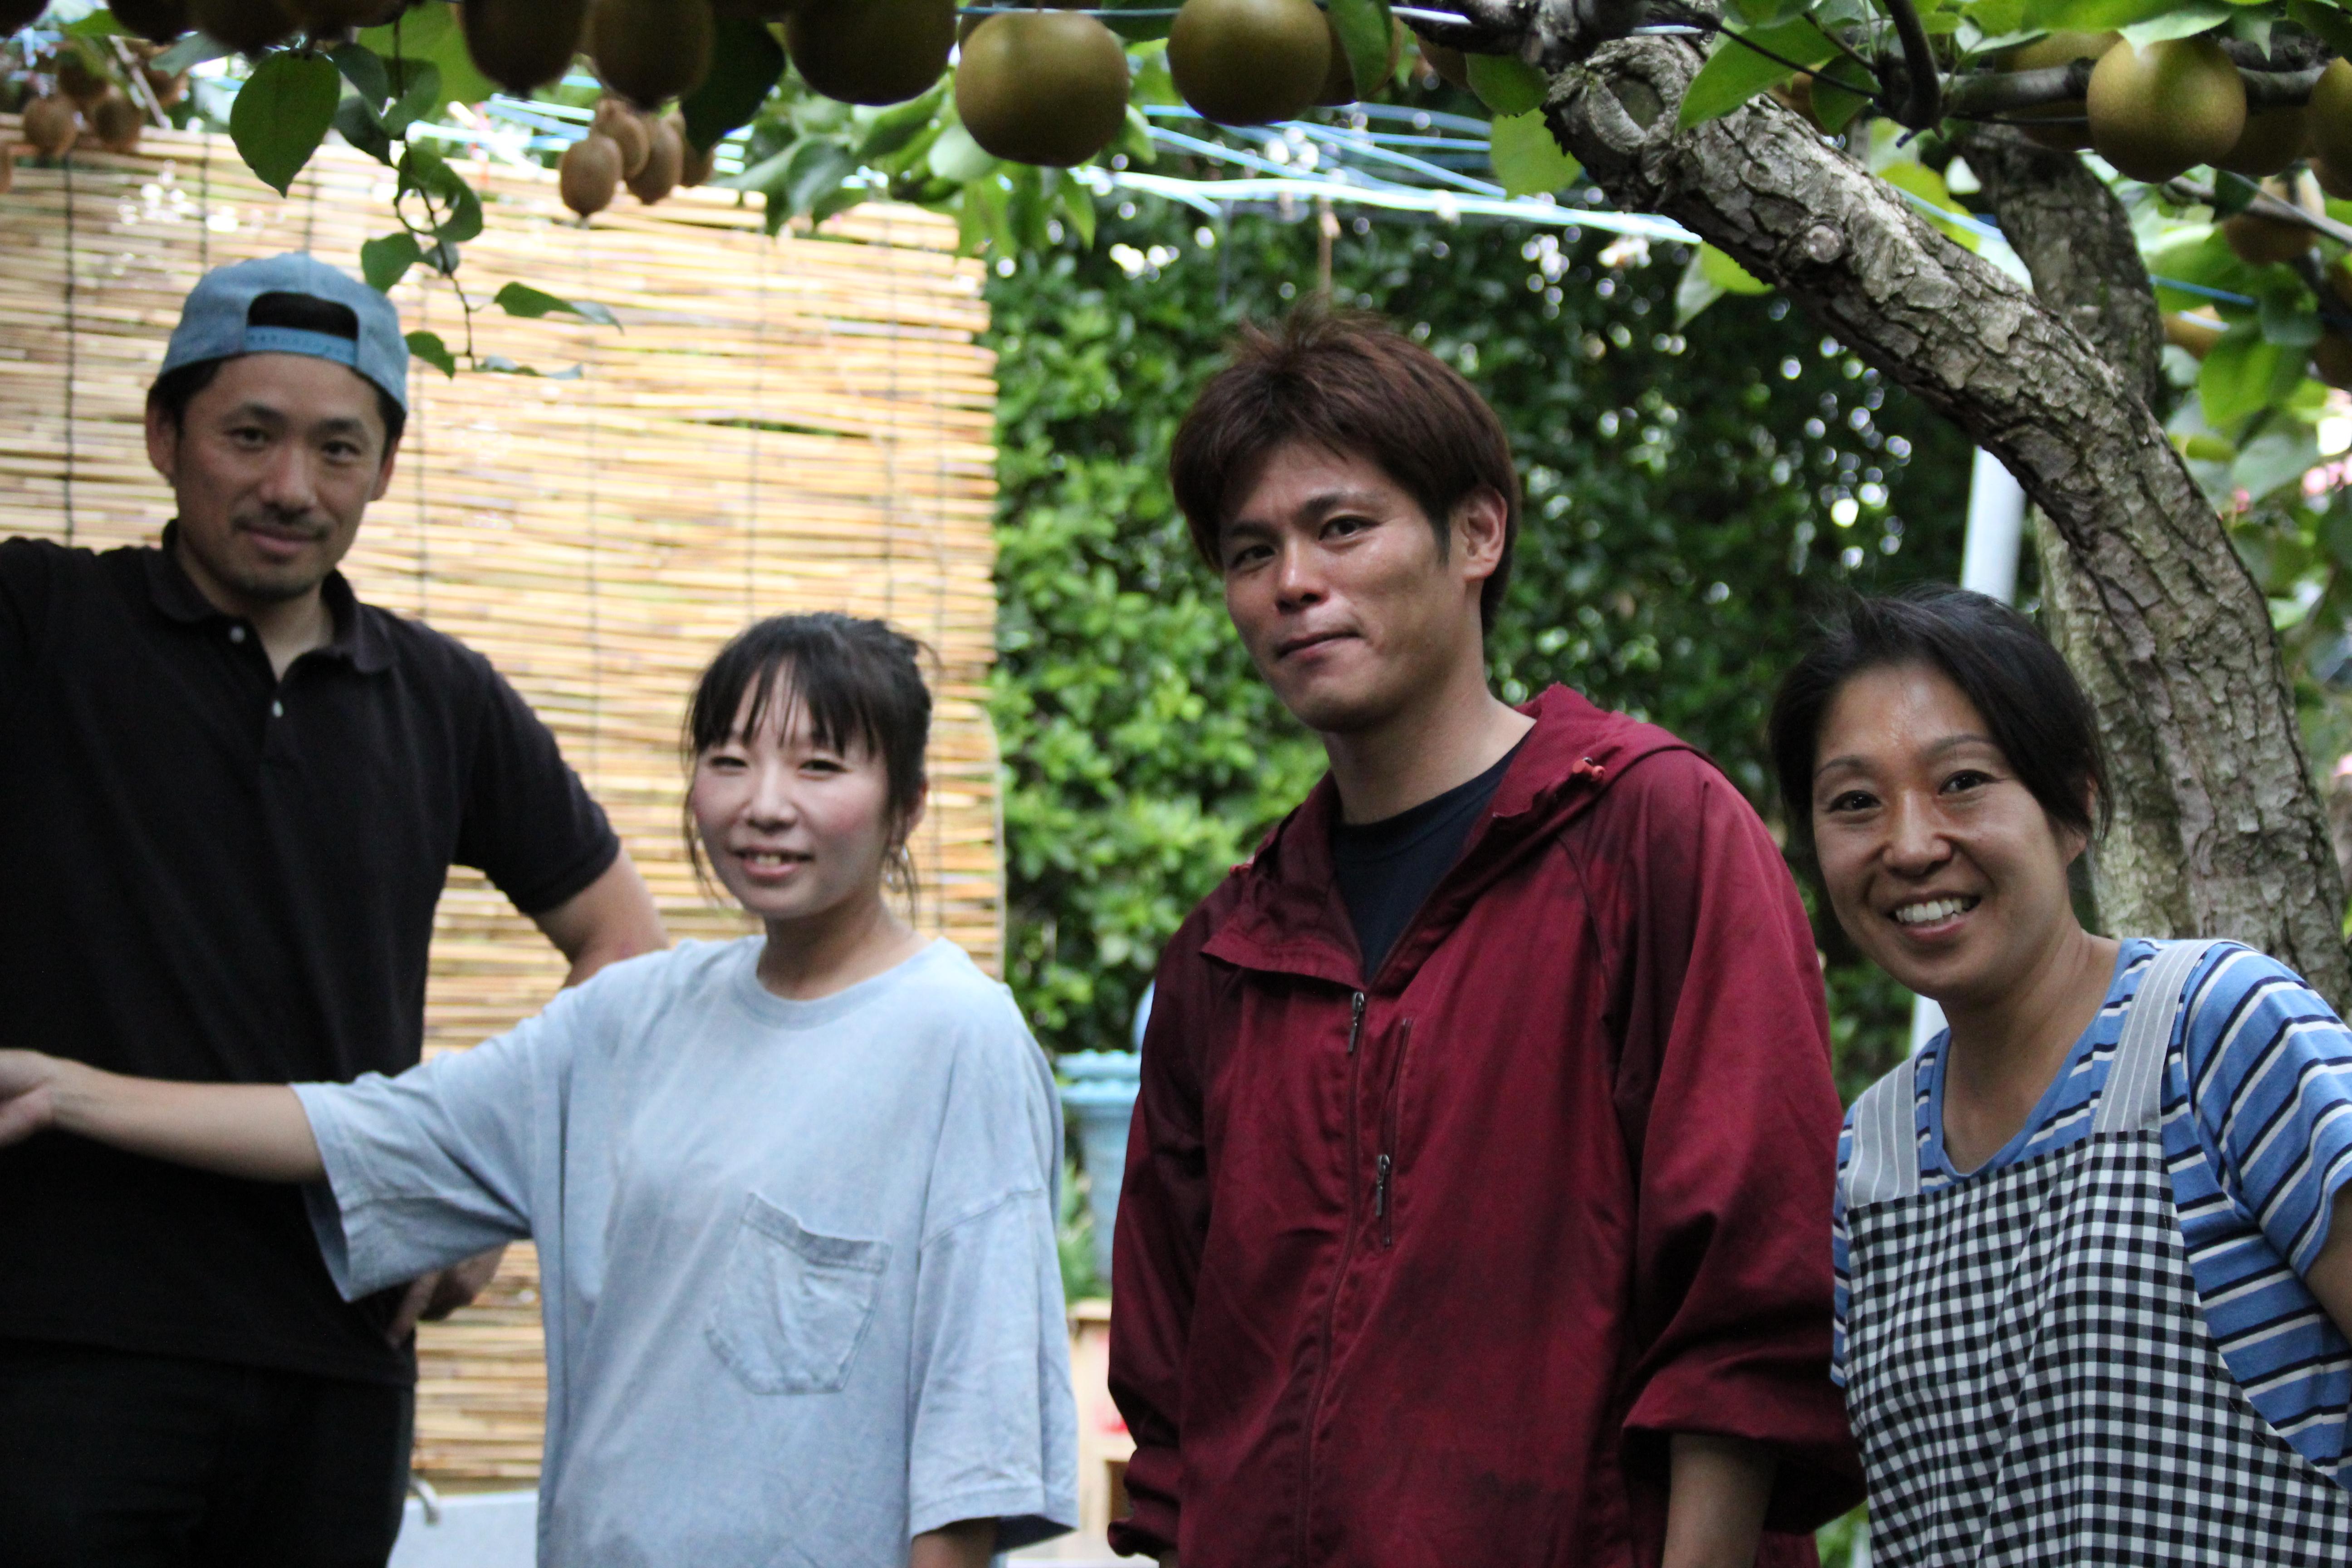 千葉県松戸市「初清園」のオーナー小川さん夫妻といちごやさんのカフェテラスひらおかオーナー夫妻